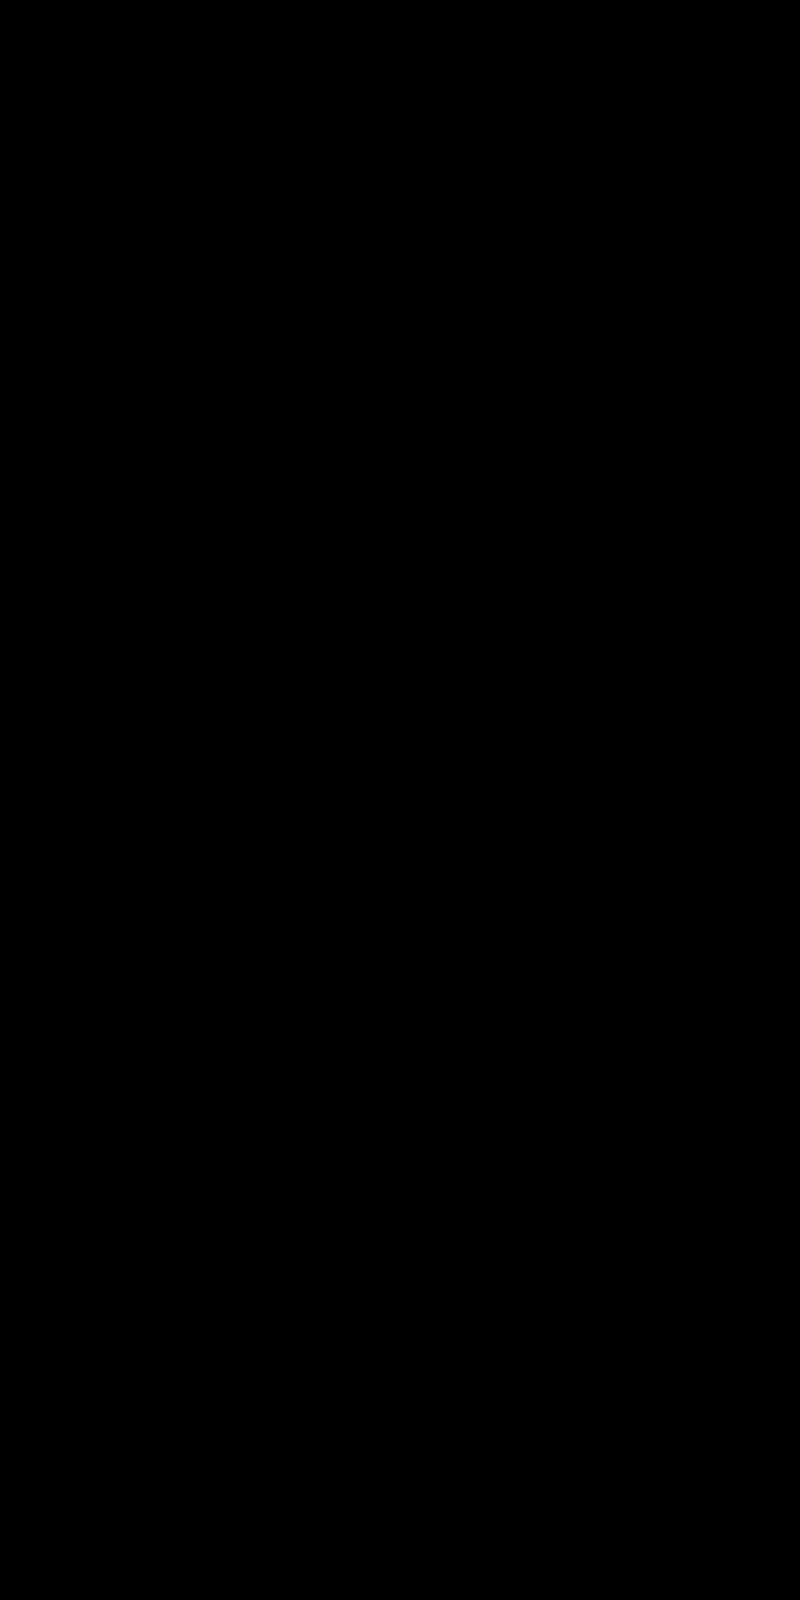 Ilustracja wektorowa przedstawiająca mężczyznę wkrawacie, zpucharem wręku.